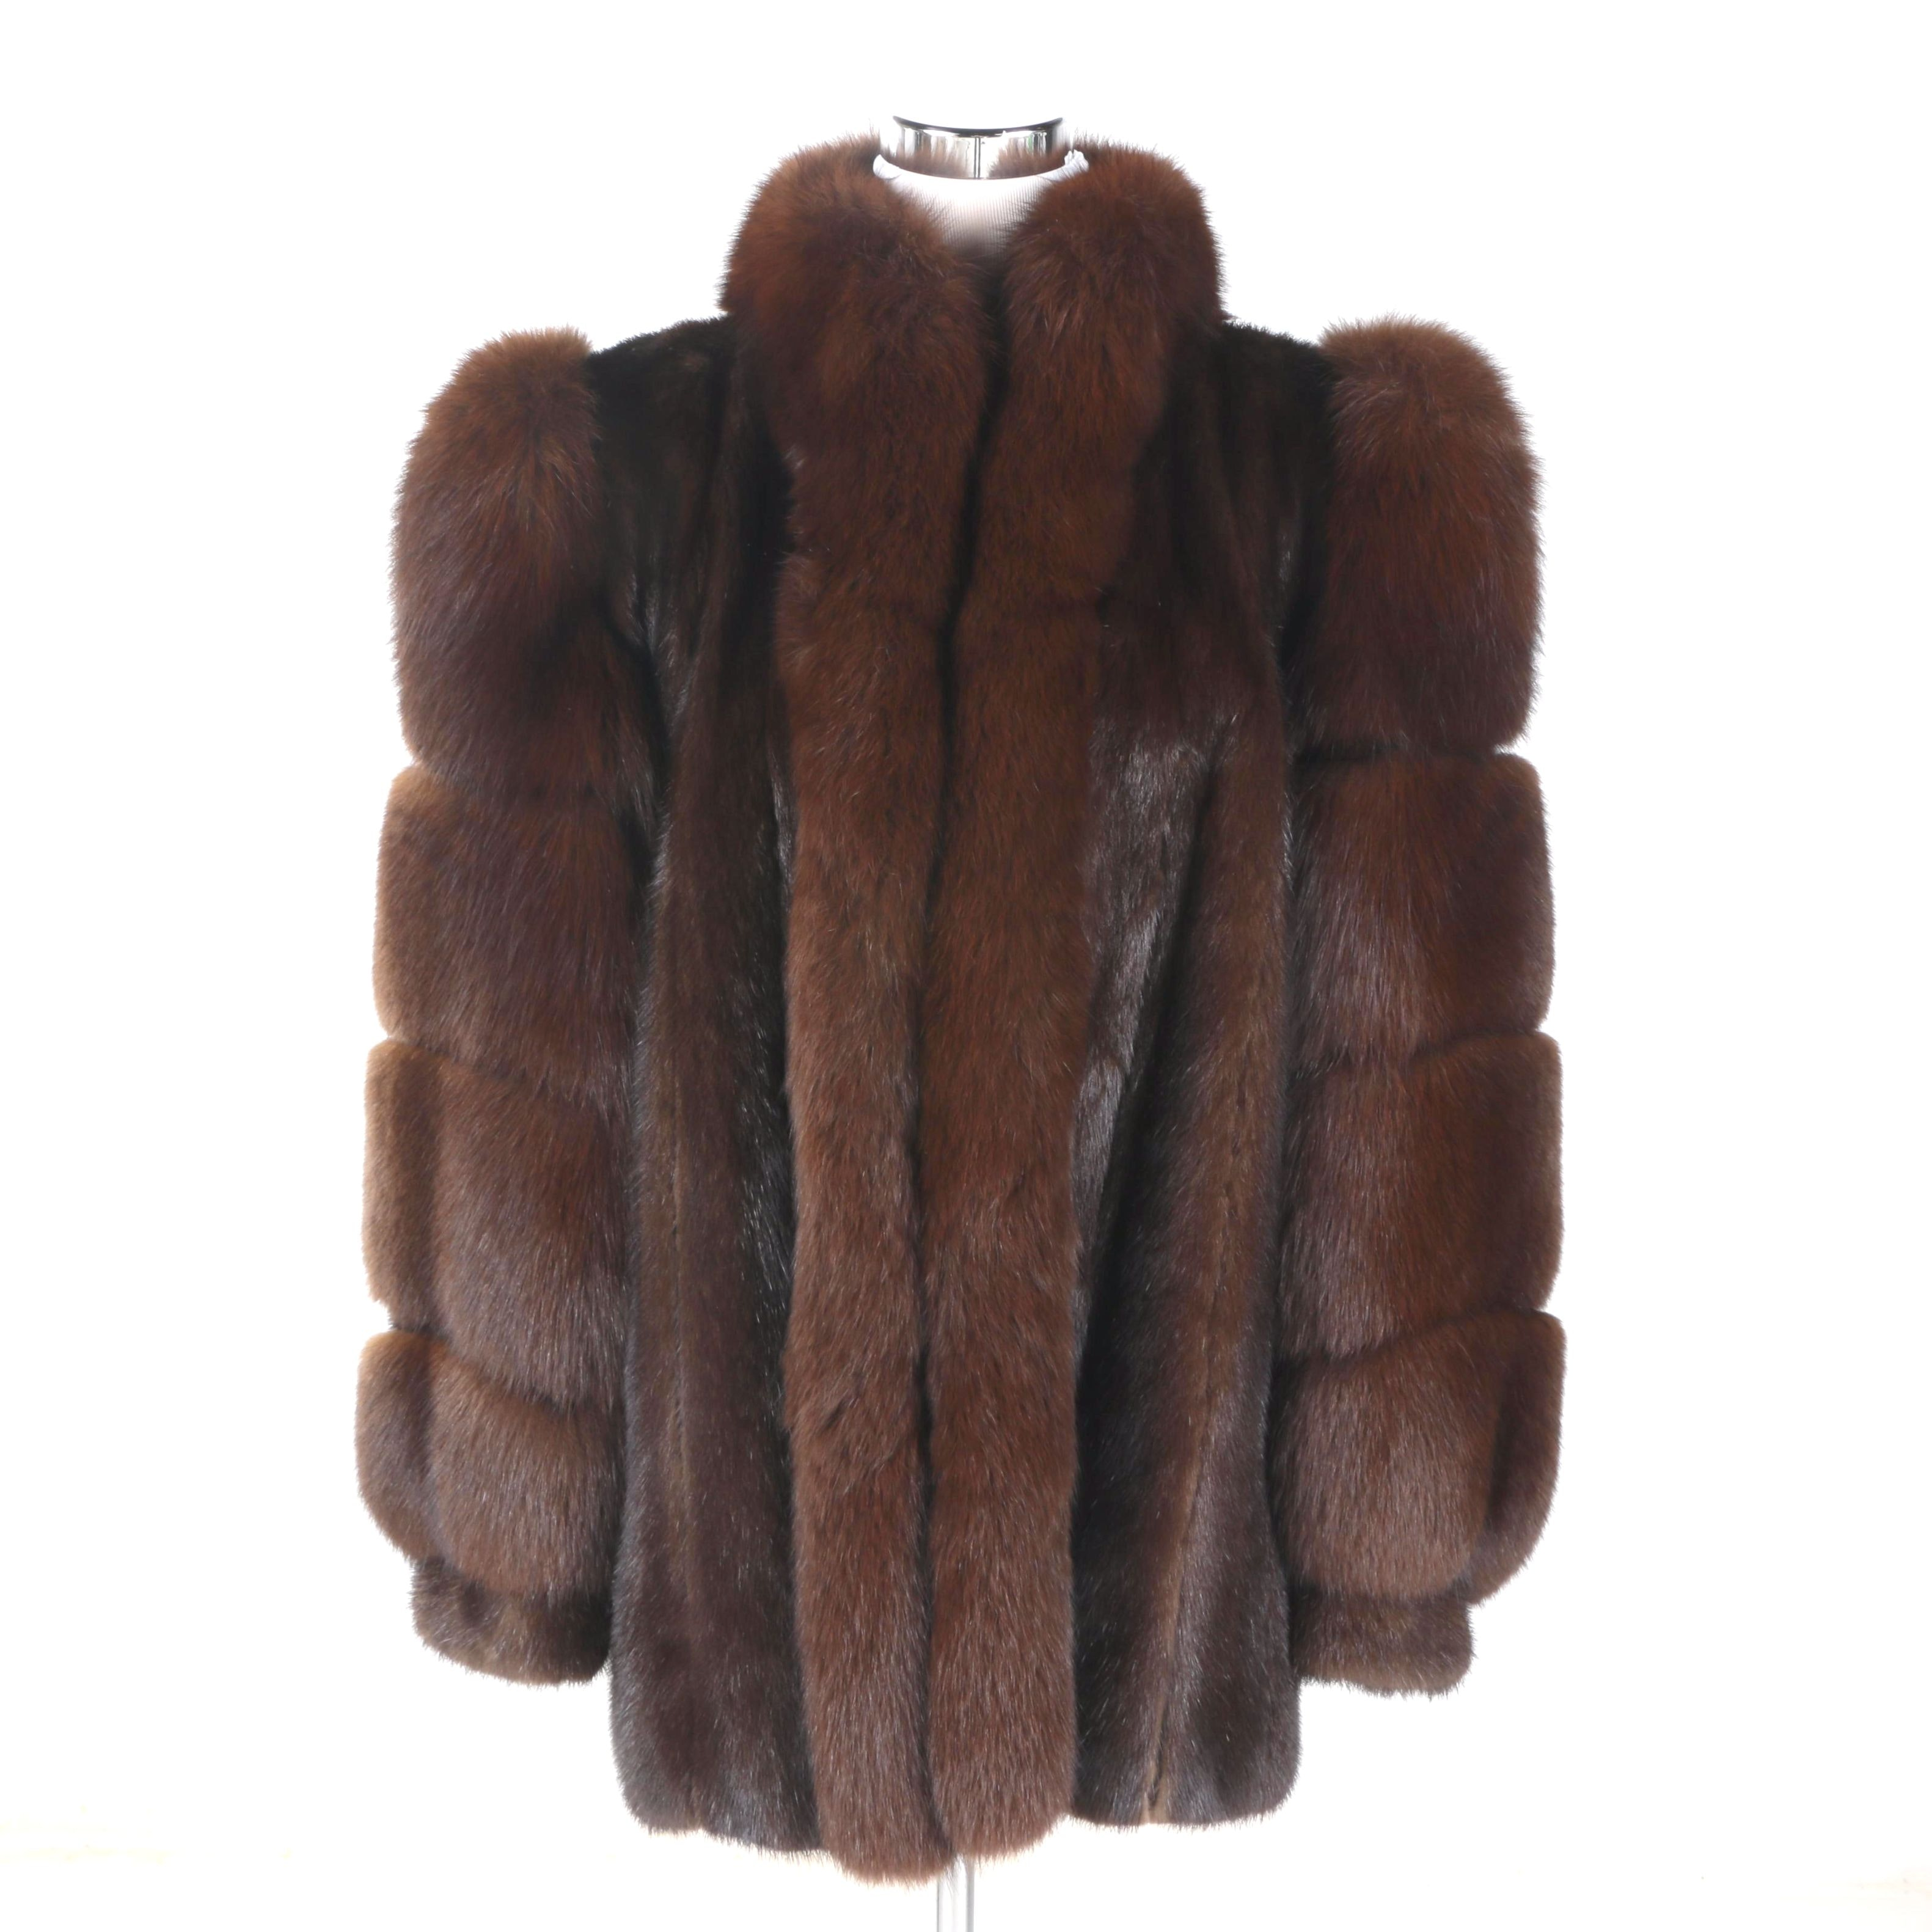 S. Garber Furs Mink and Fox Fur Coat